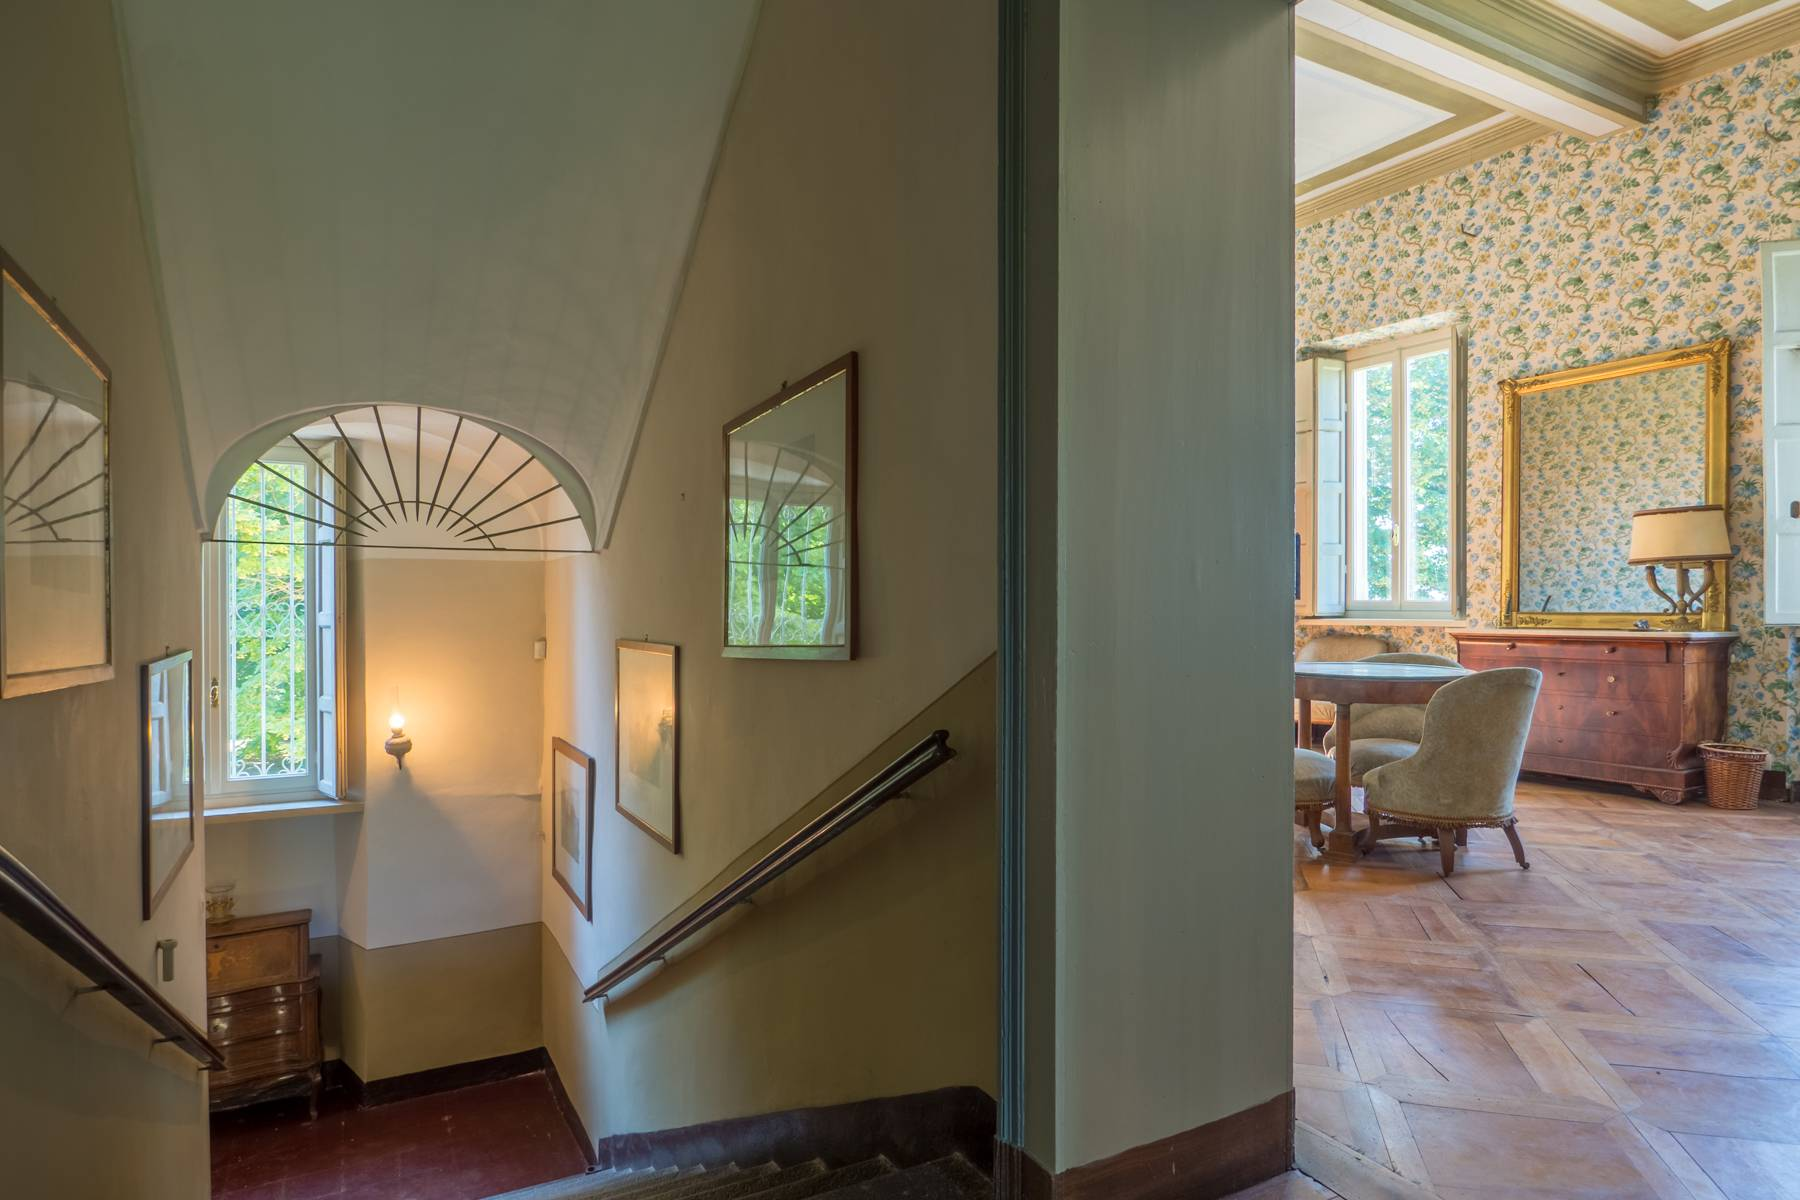 Villa in Vendita a Moncalieri: 5 locali, 983 mq - Foto 17